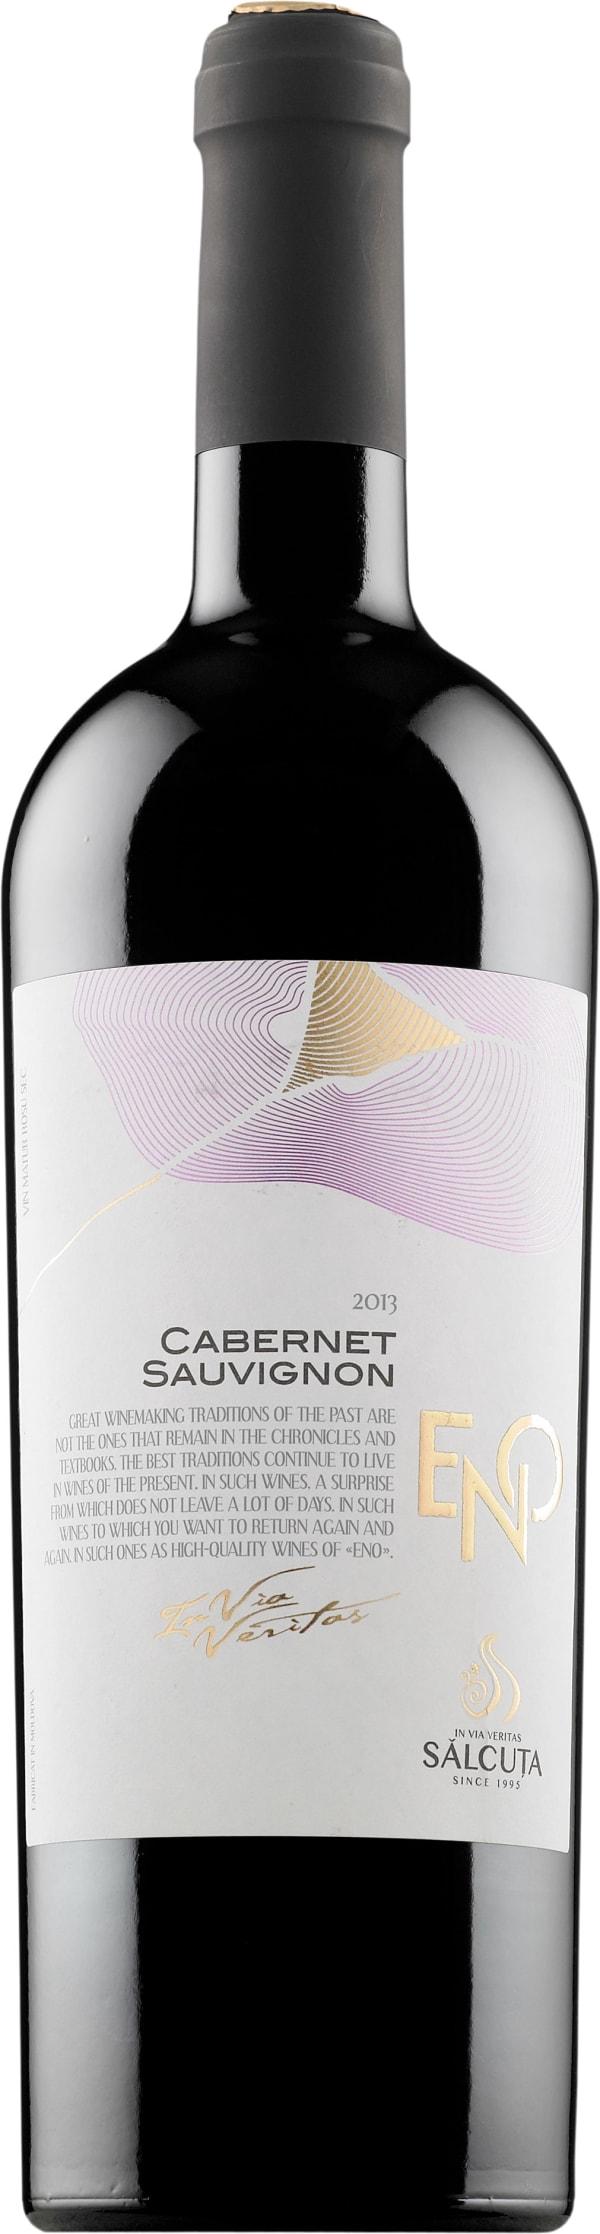 Eno Cabernet Sauvignon 2013